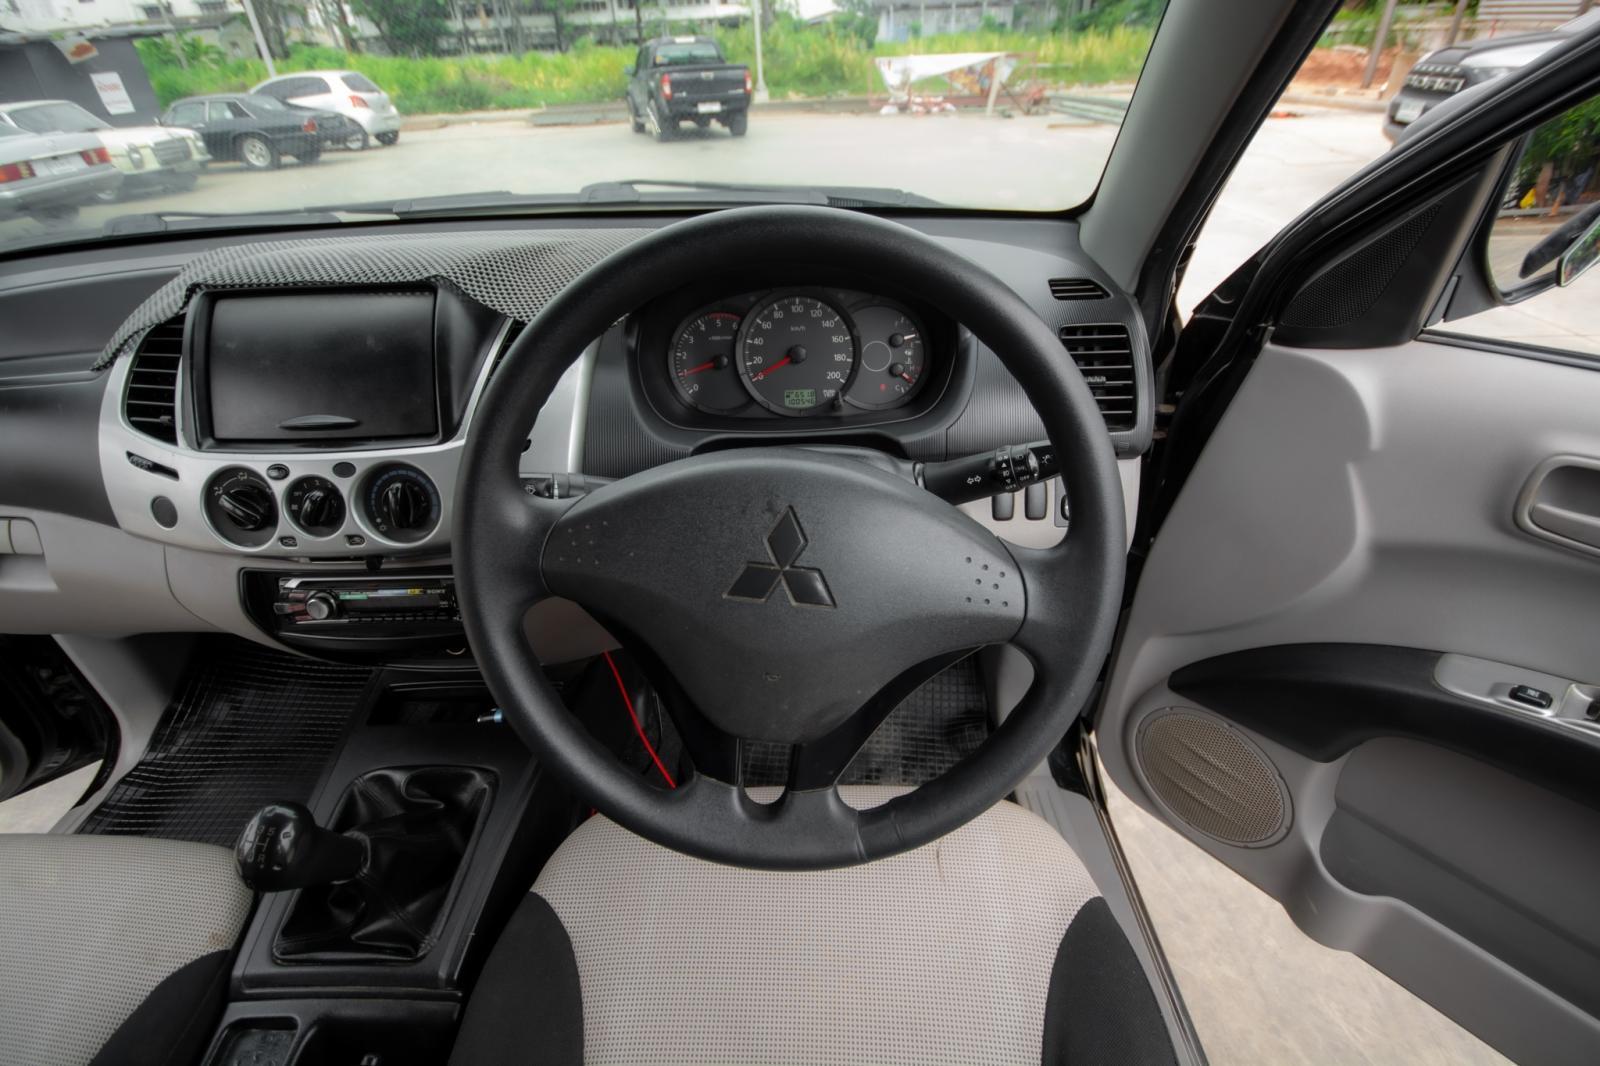 2012 Mitsubishi TRITON DOUBLE CAB GLX รถกระบะ